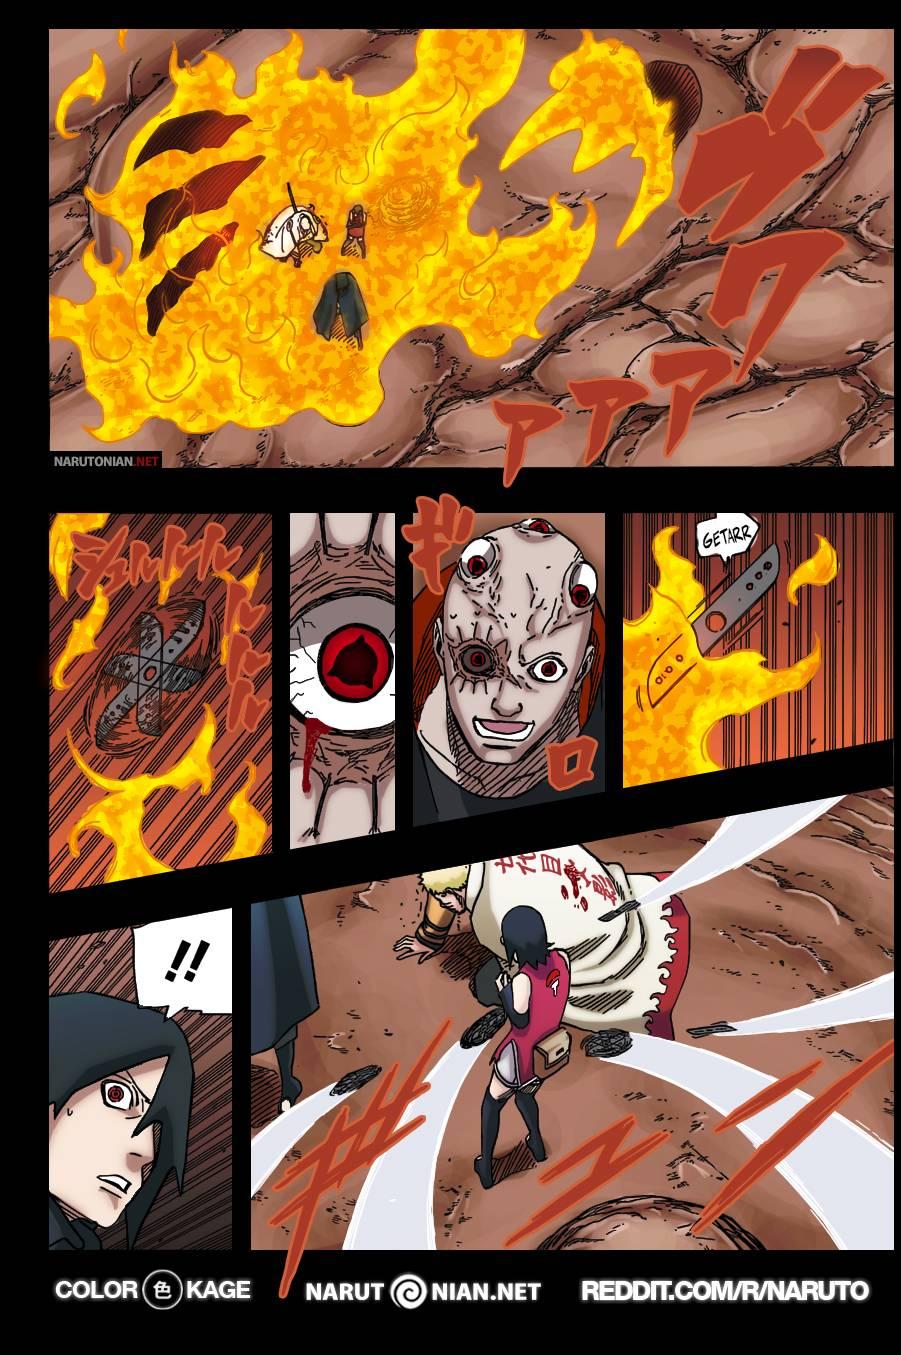 Dilarang COPAS - situs resmi www.mangacanblog.com - Komik naruto berwarna 706 - spesies yang tak berevolusi 707 Indonesia naruto berwarna 706 - spesies yang tak berevolusi Terbaru 10|Baca Manga Komik Indonesia|Mangacan